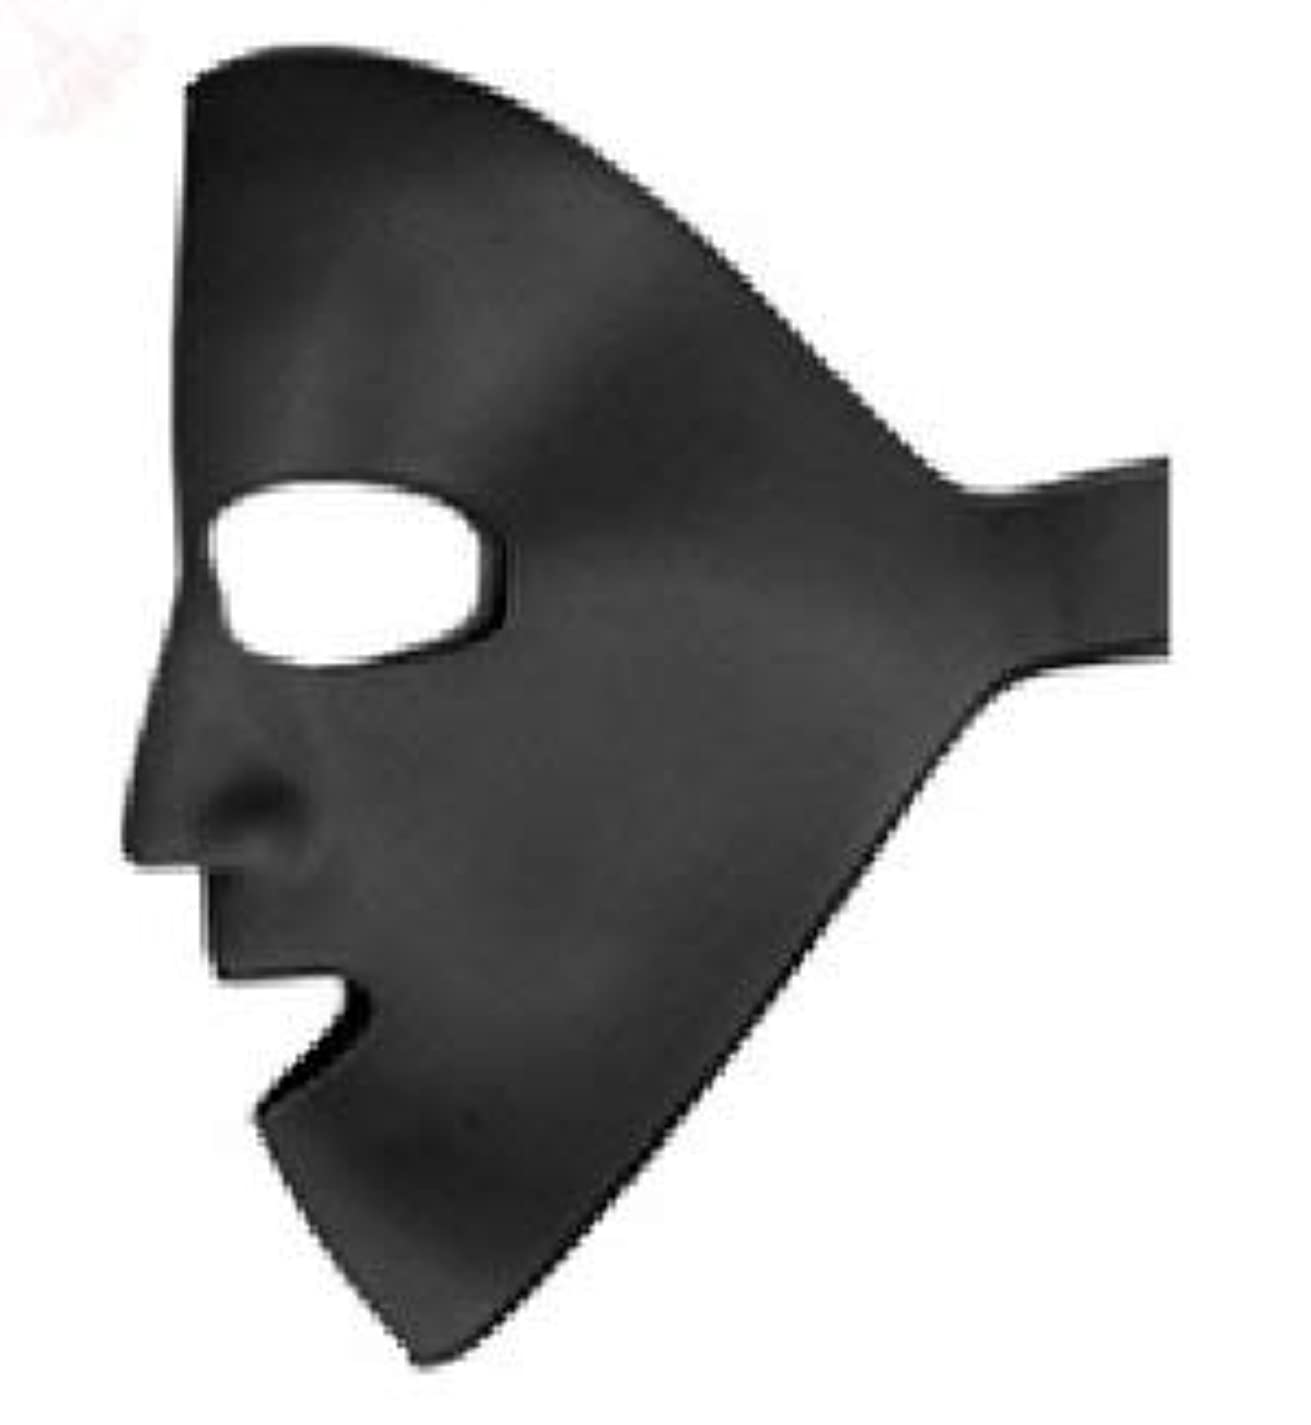 クモ中傷天使APHROS(アフロス) フェイスマスク (黒)